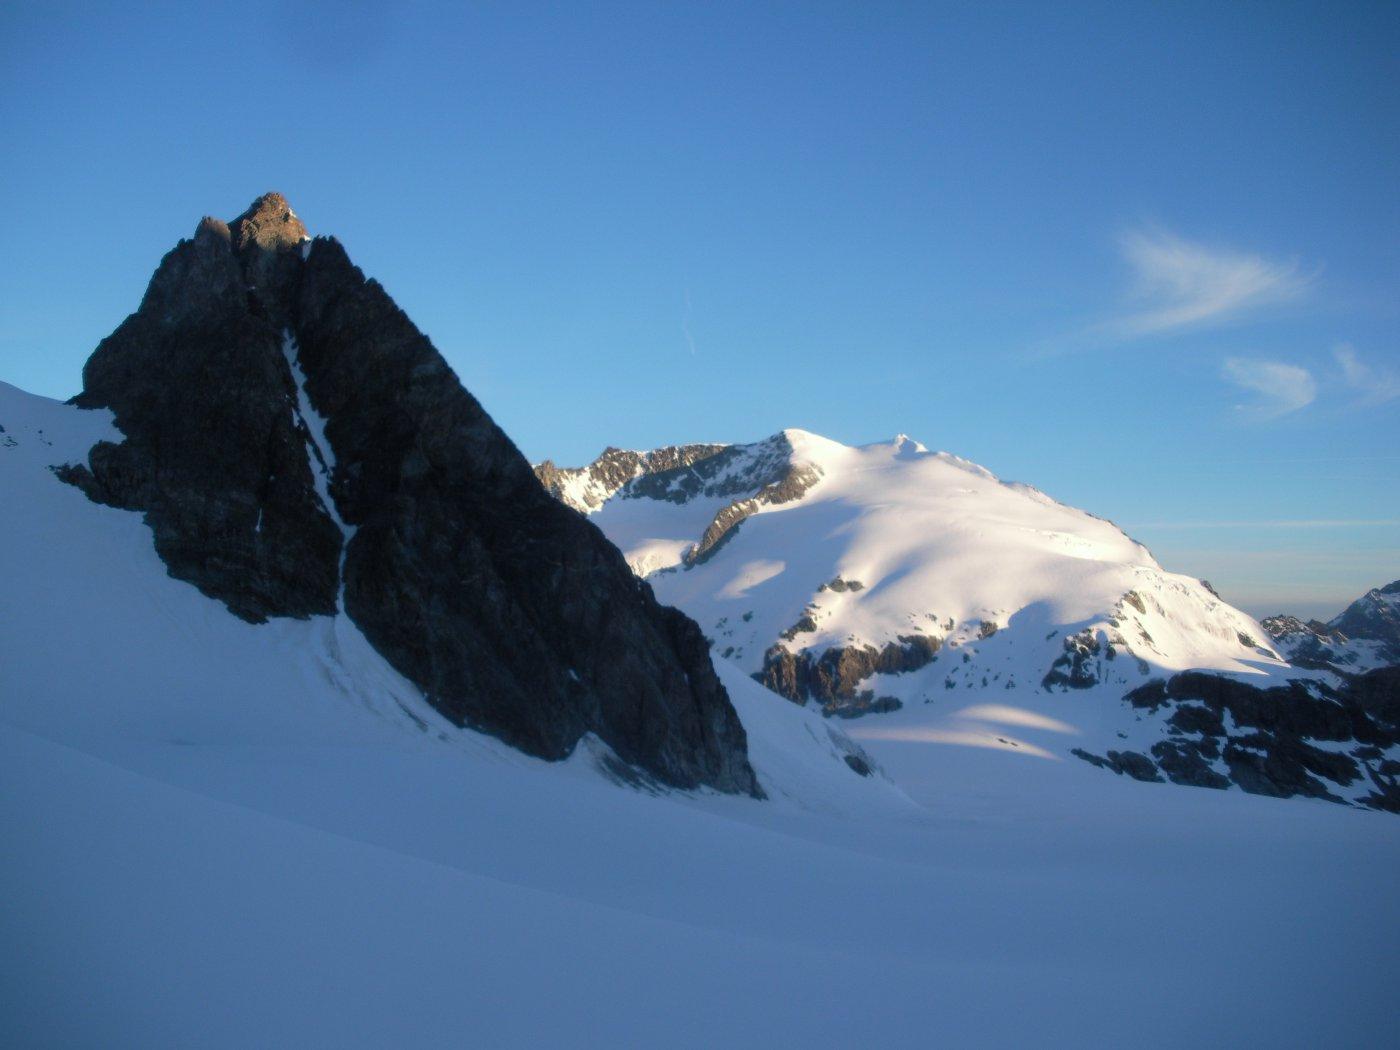 Lo scuro Petit M.Collon e la Pigne d'Arolla dal Glacier du M.Collon all'alba..